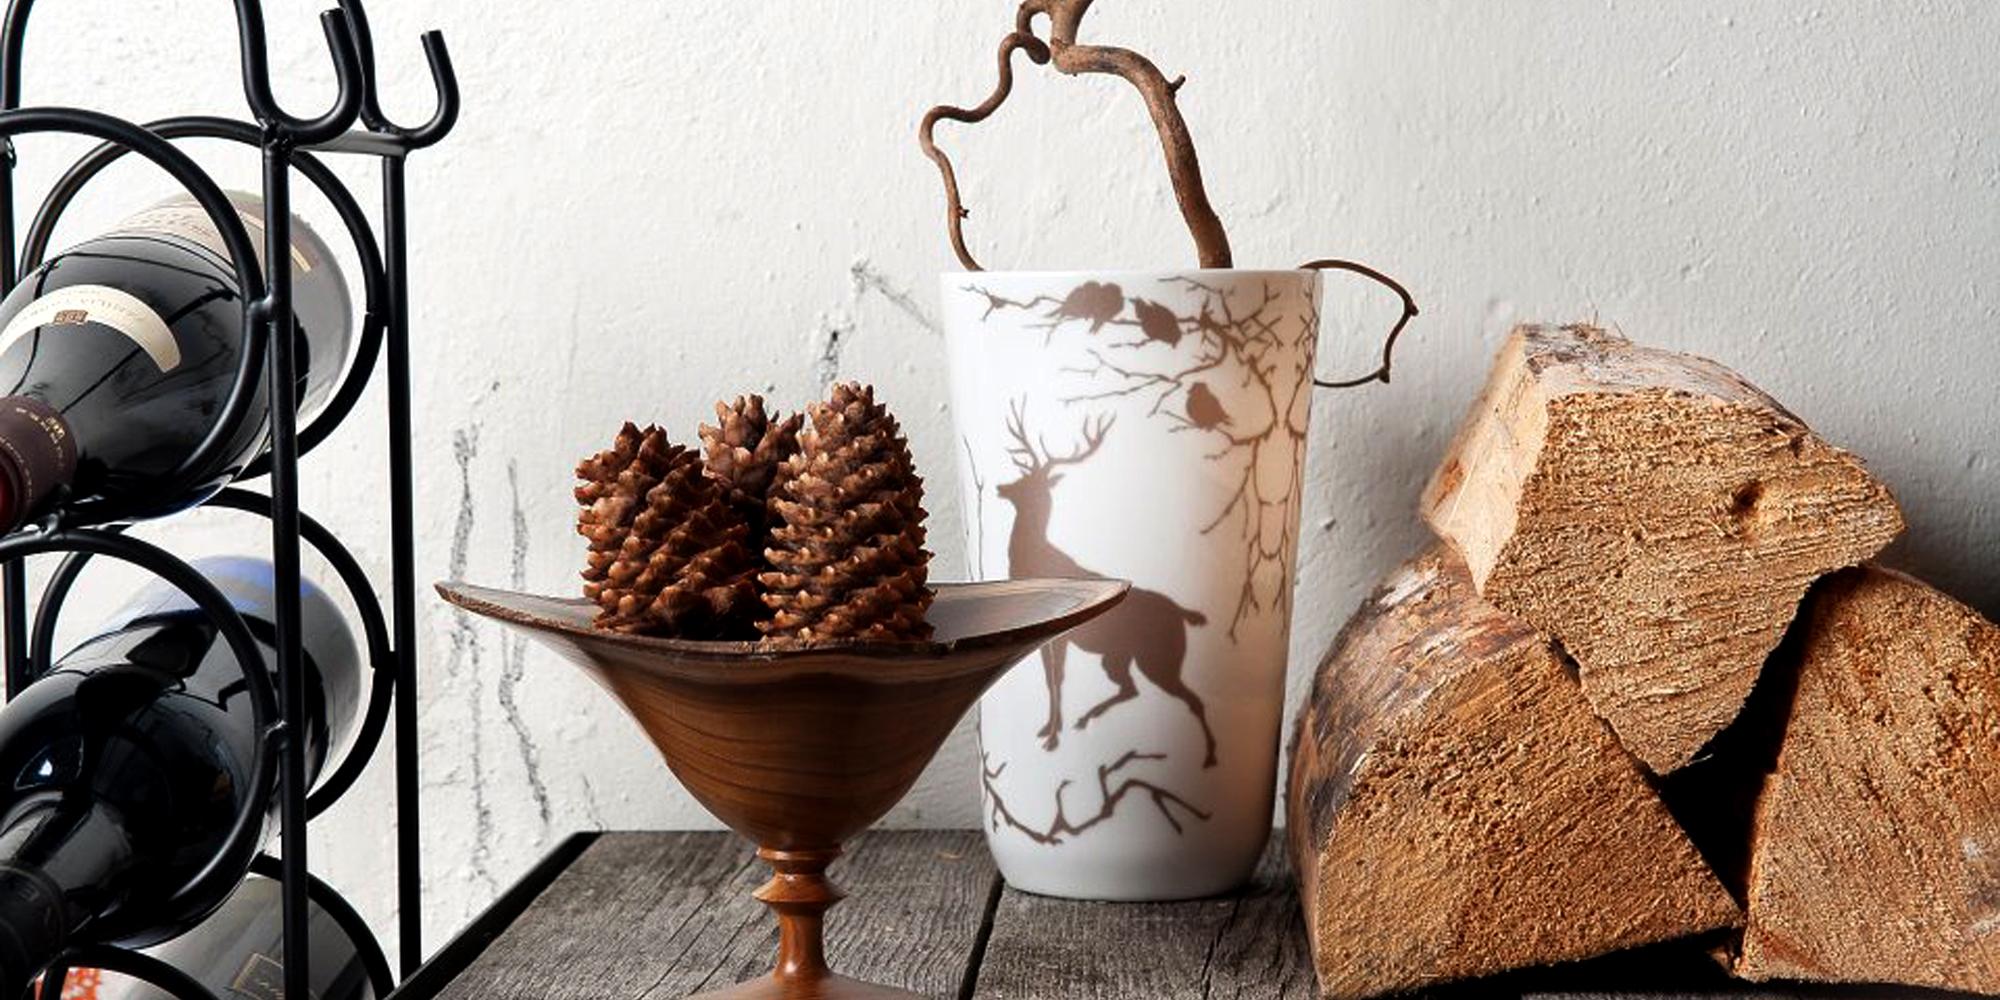 Husfliden Steinkjer - diverse produkter til salgs. Copyright: Husfliden Steinkjer